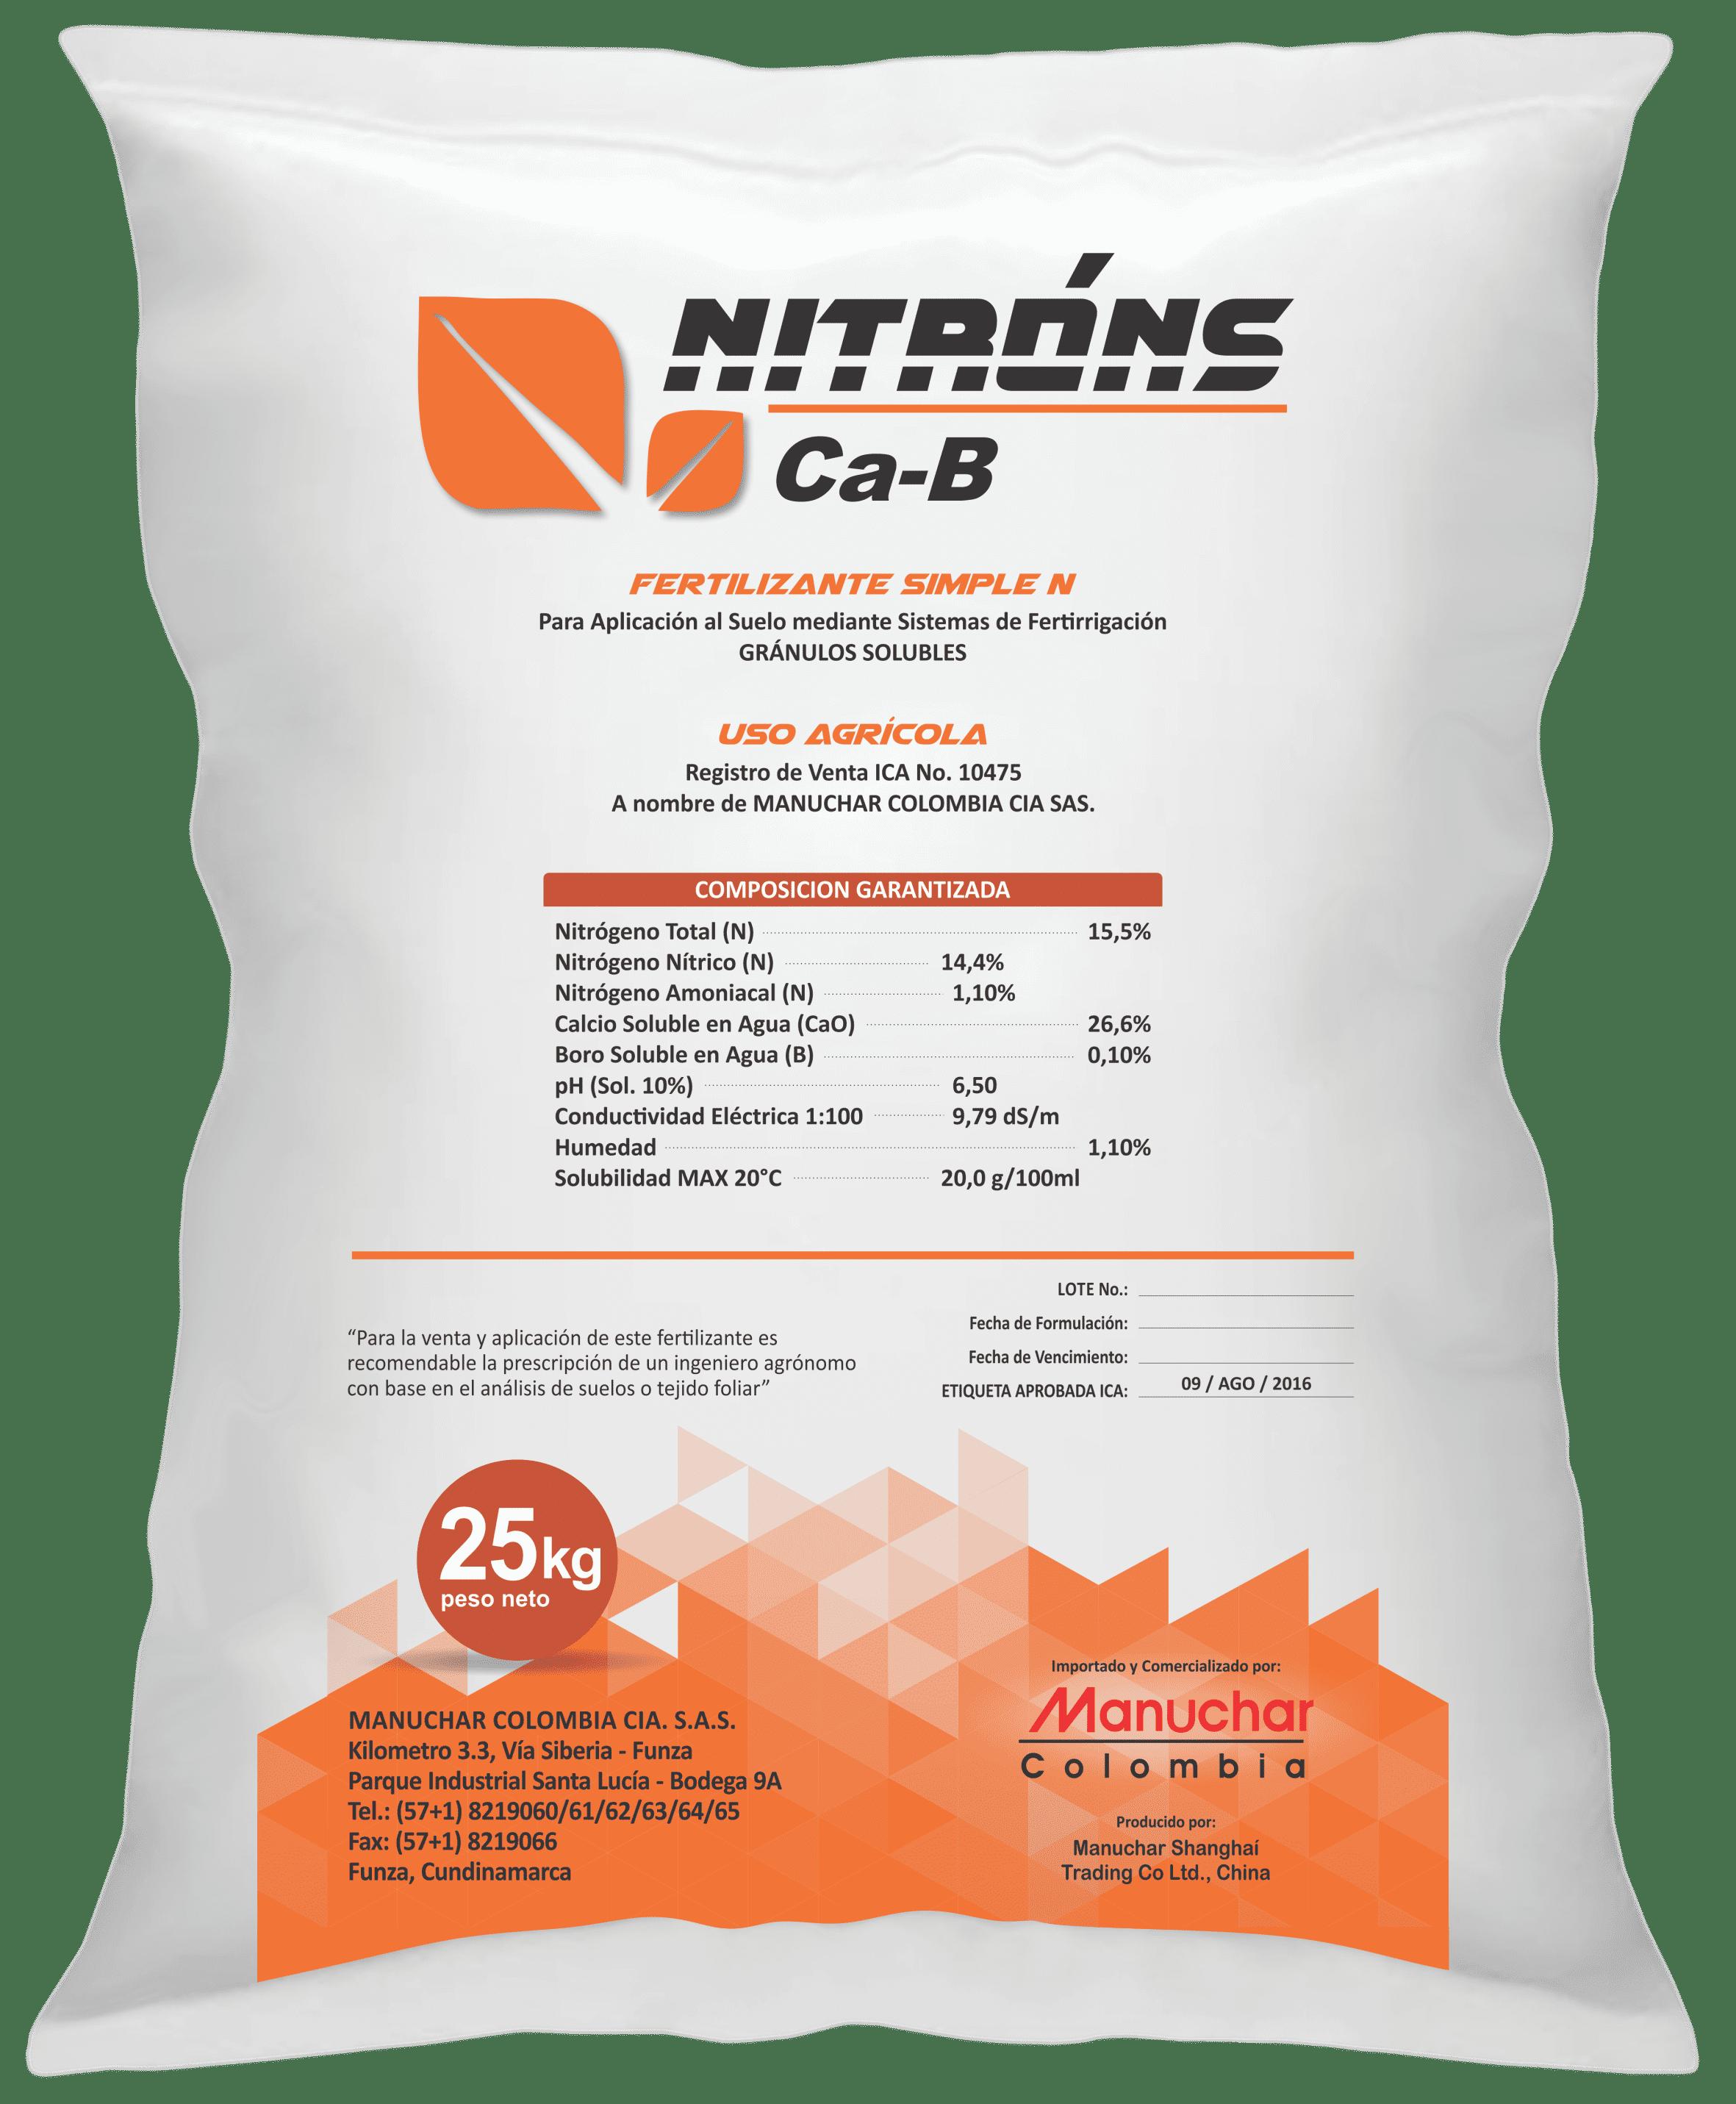 Nitrons ca b optimized